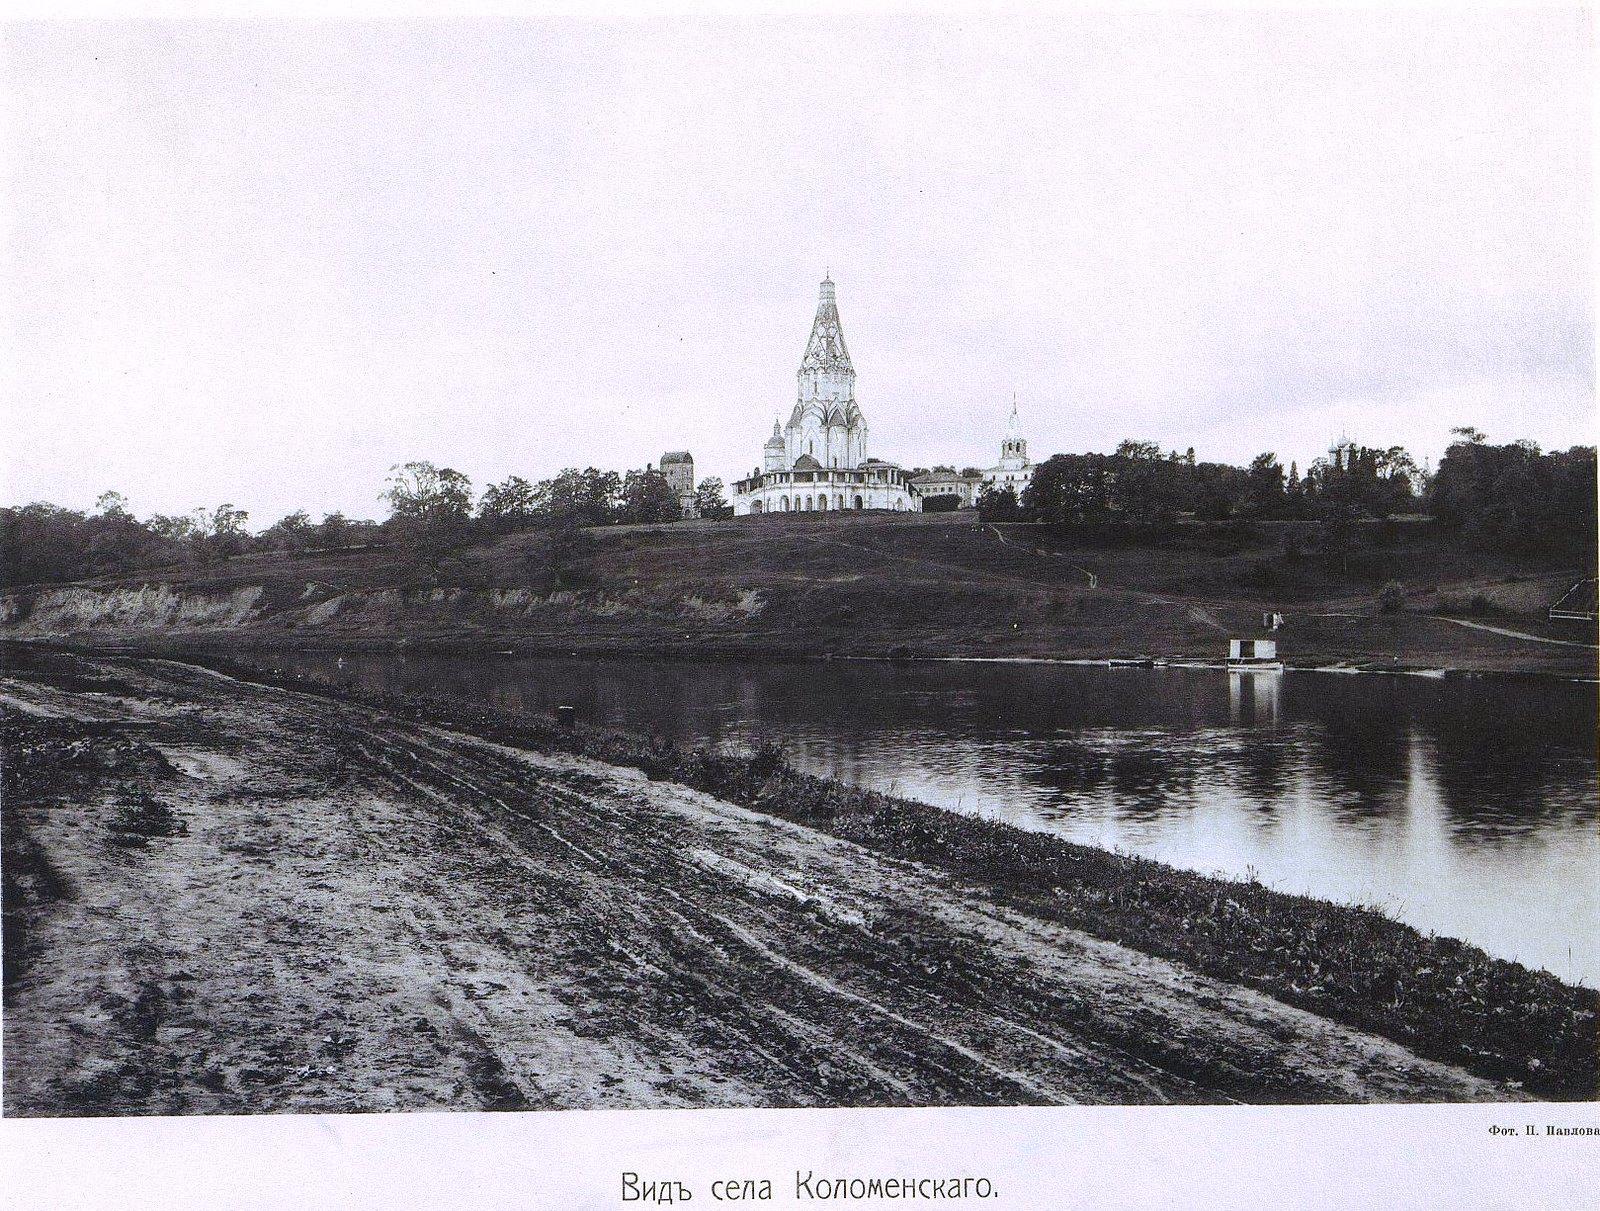 59. Вид села Коломенского